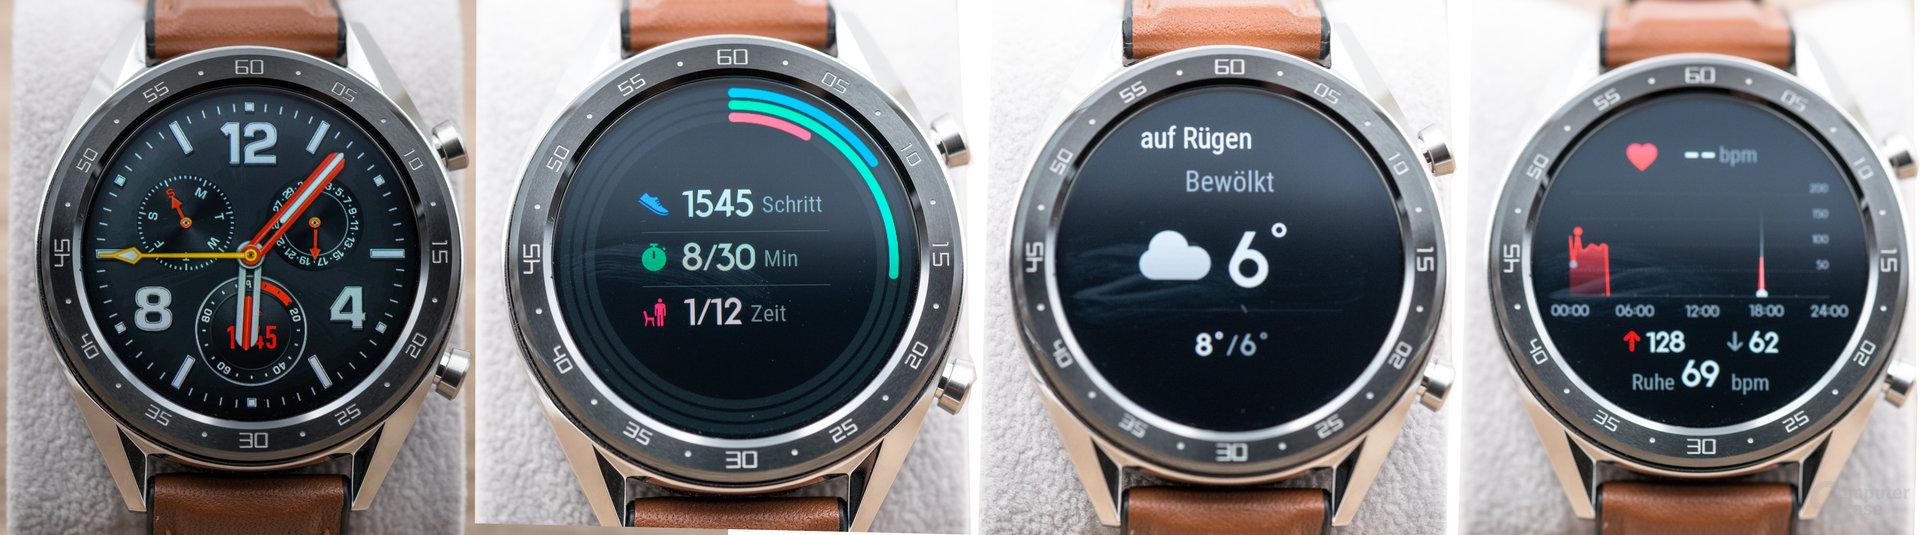 Huawei Watch GT: Schnellzugriffe